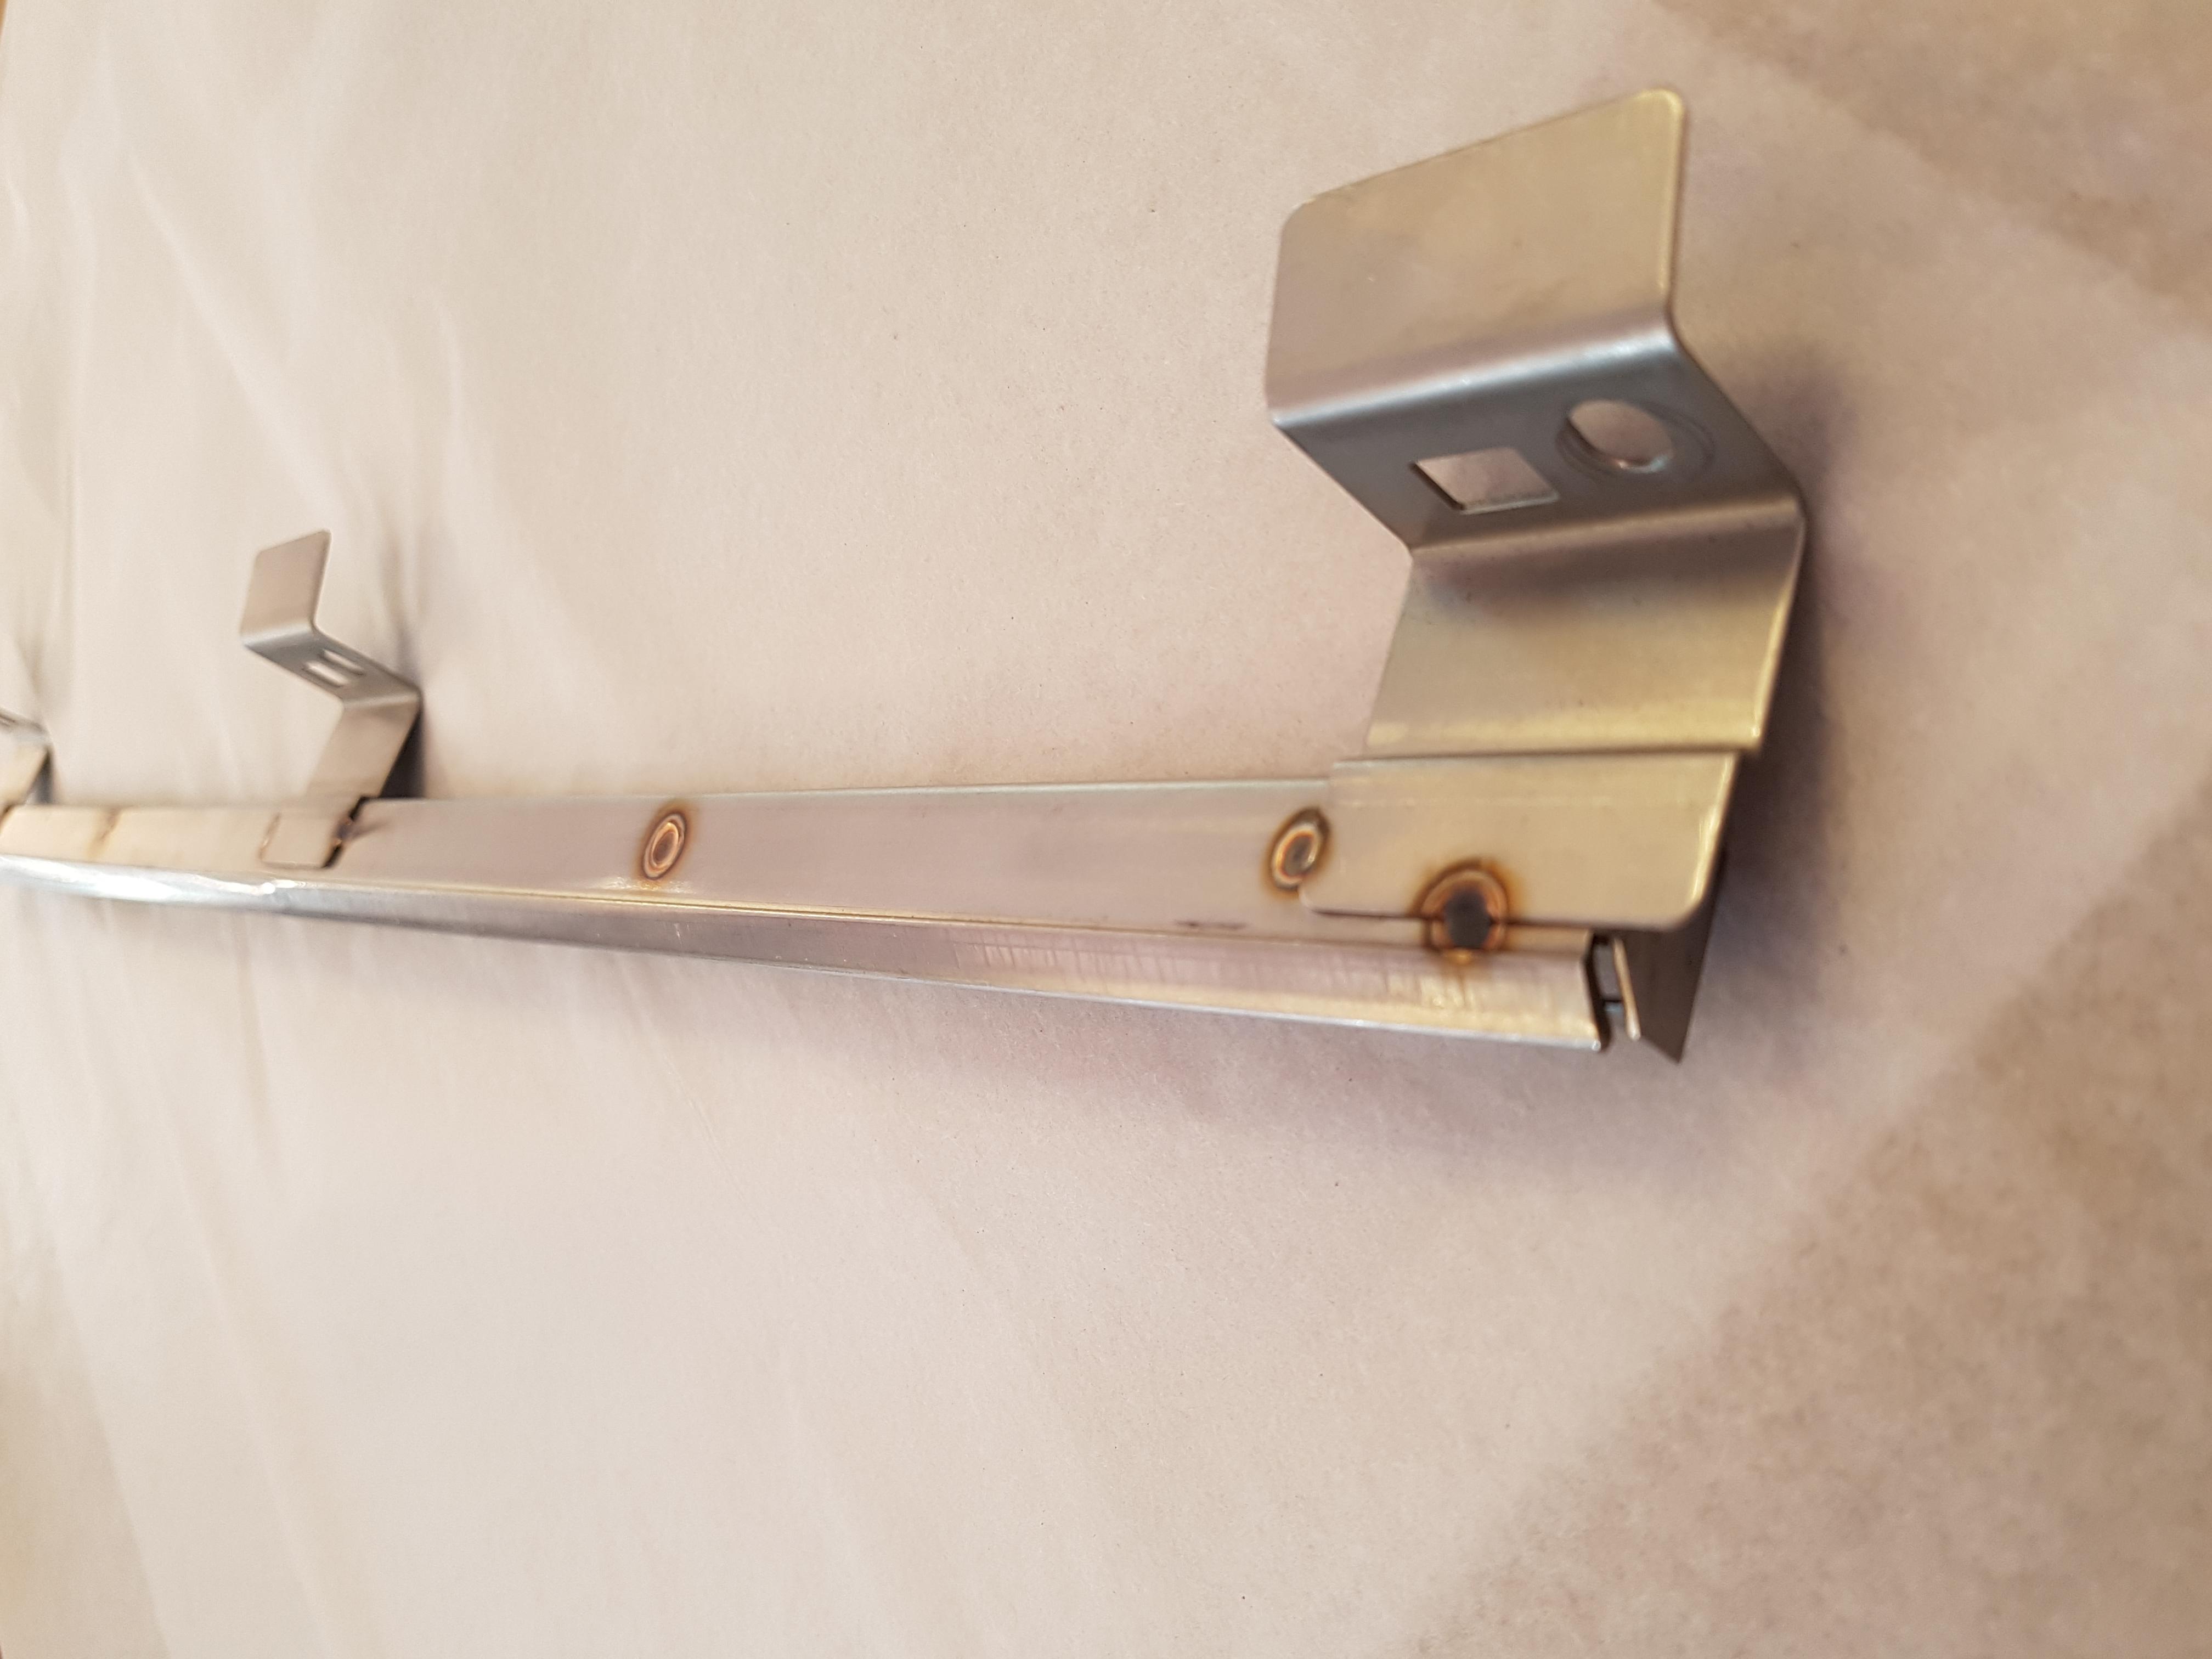 CROSSOVER-Rohr, Genesis II-Serie 4 Brenner